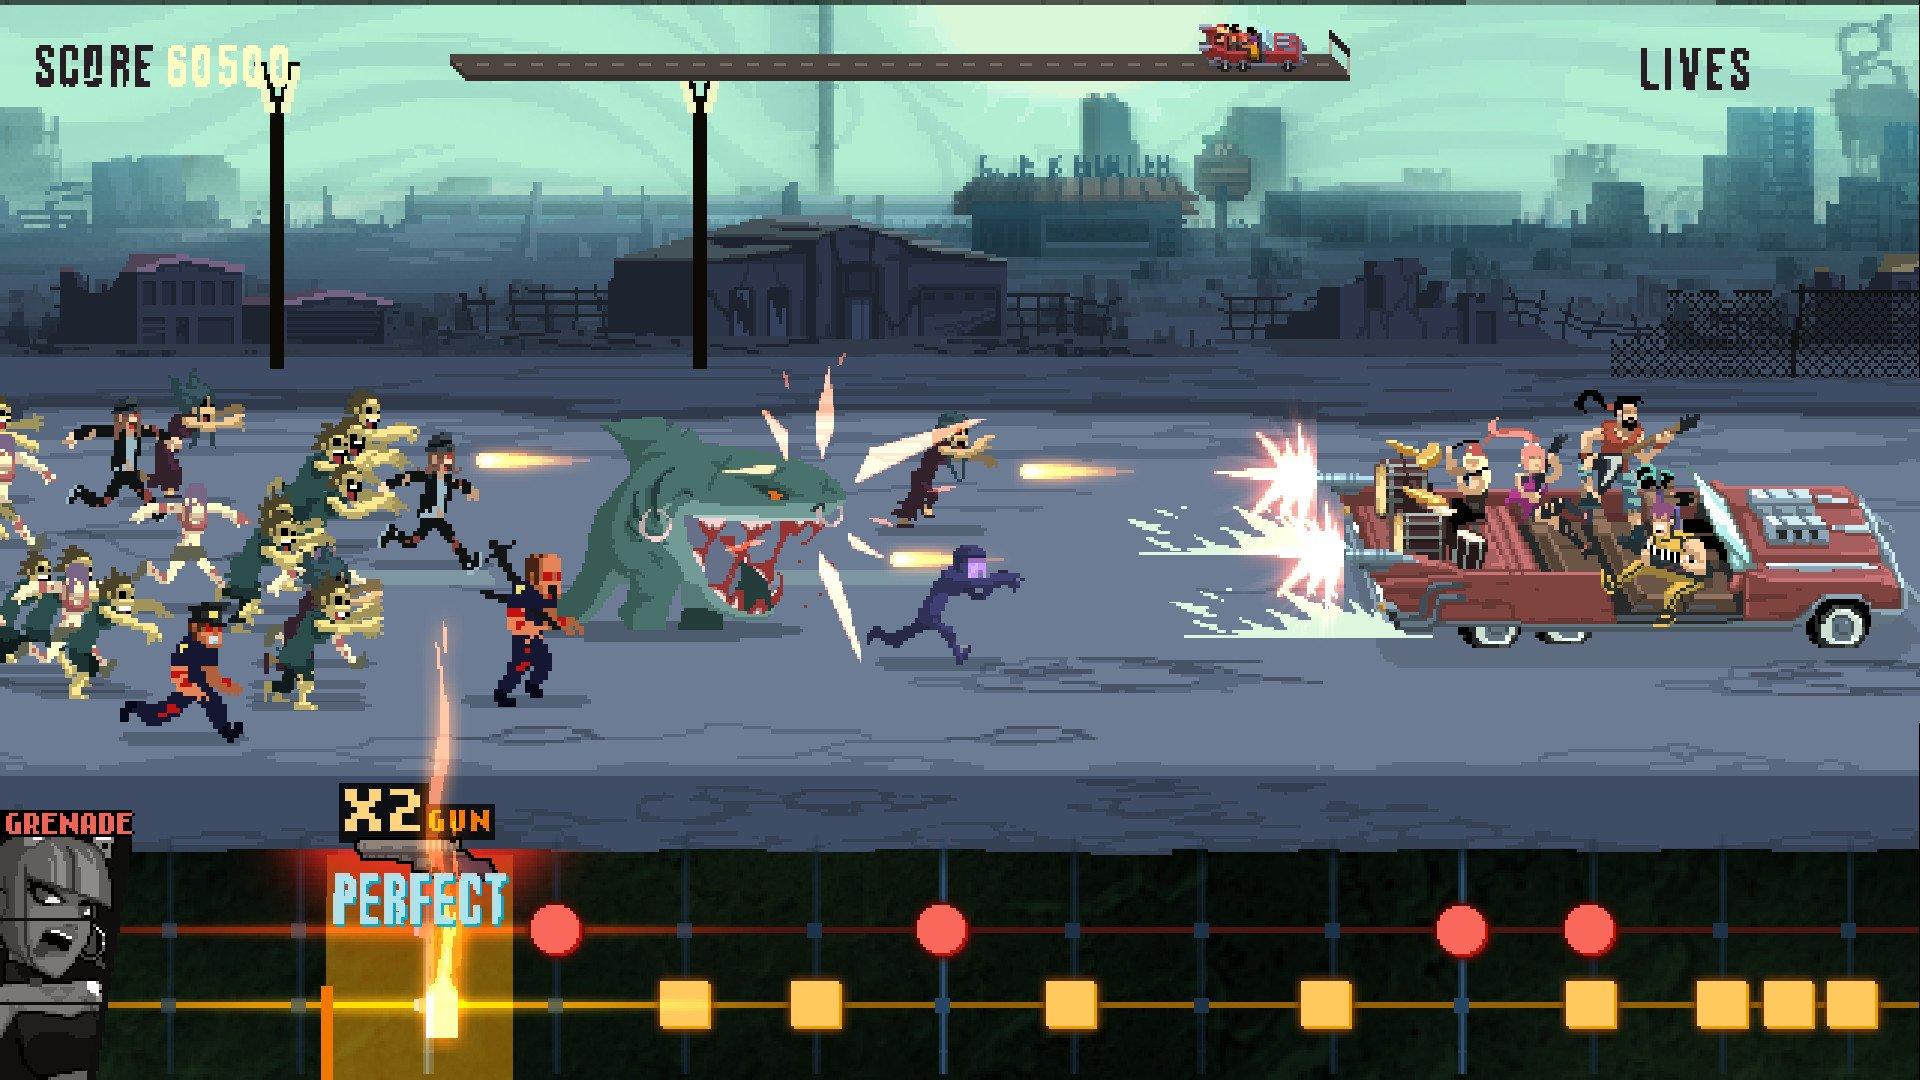 Скриншоты к Double Kick Heroes v0.022.6687 полная версия на русском